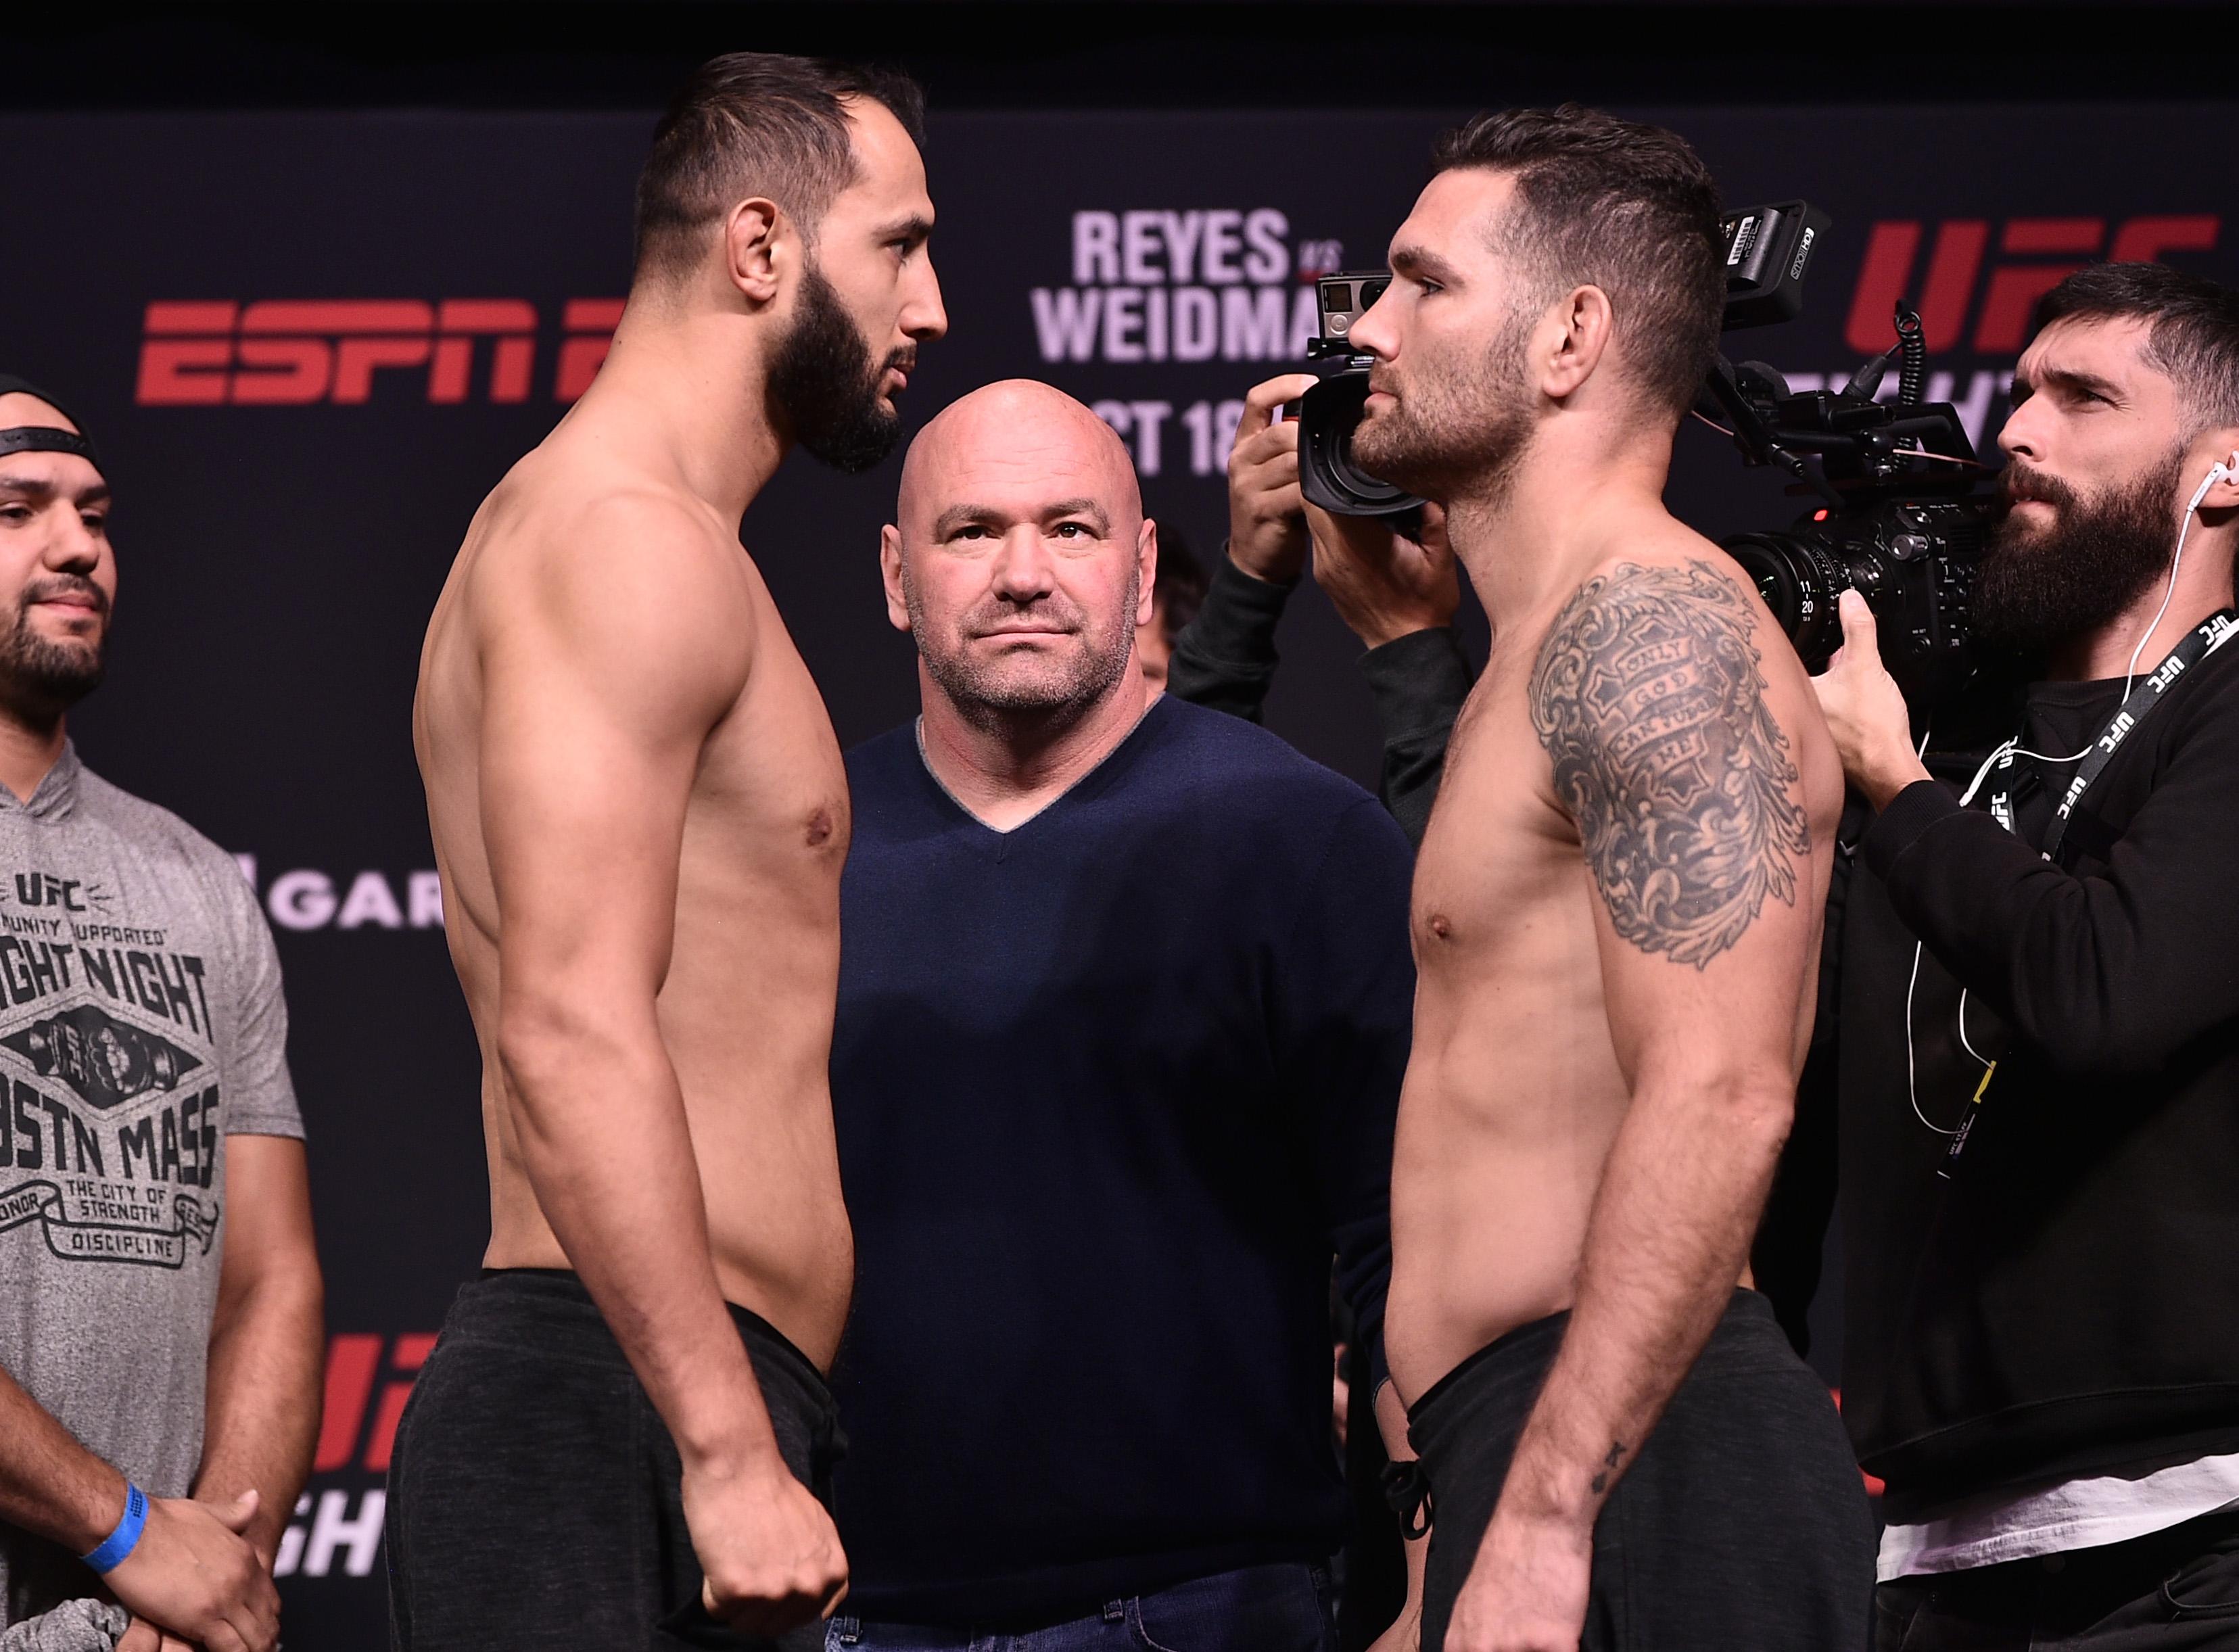 UFC Fight Night Reyes v Weidman: Weigh-Ins